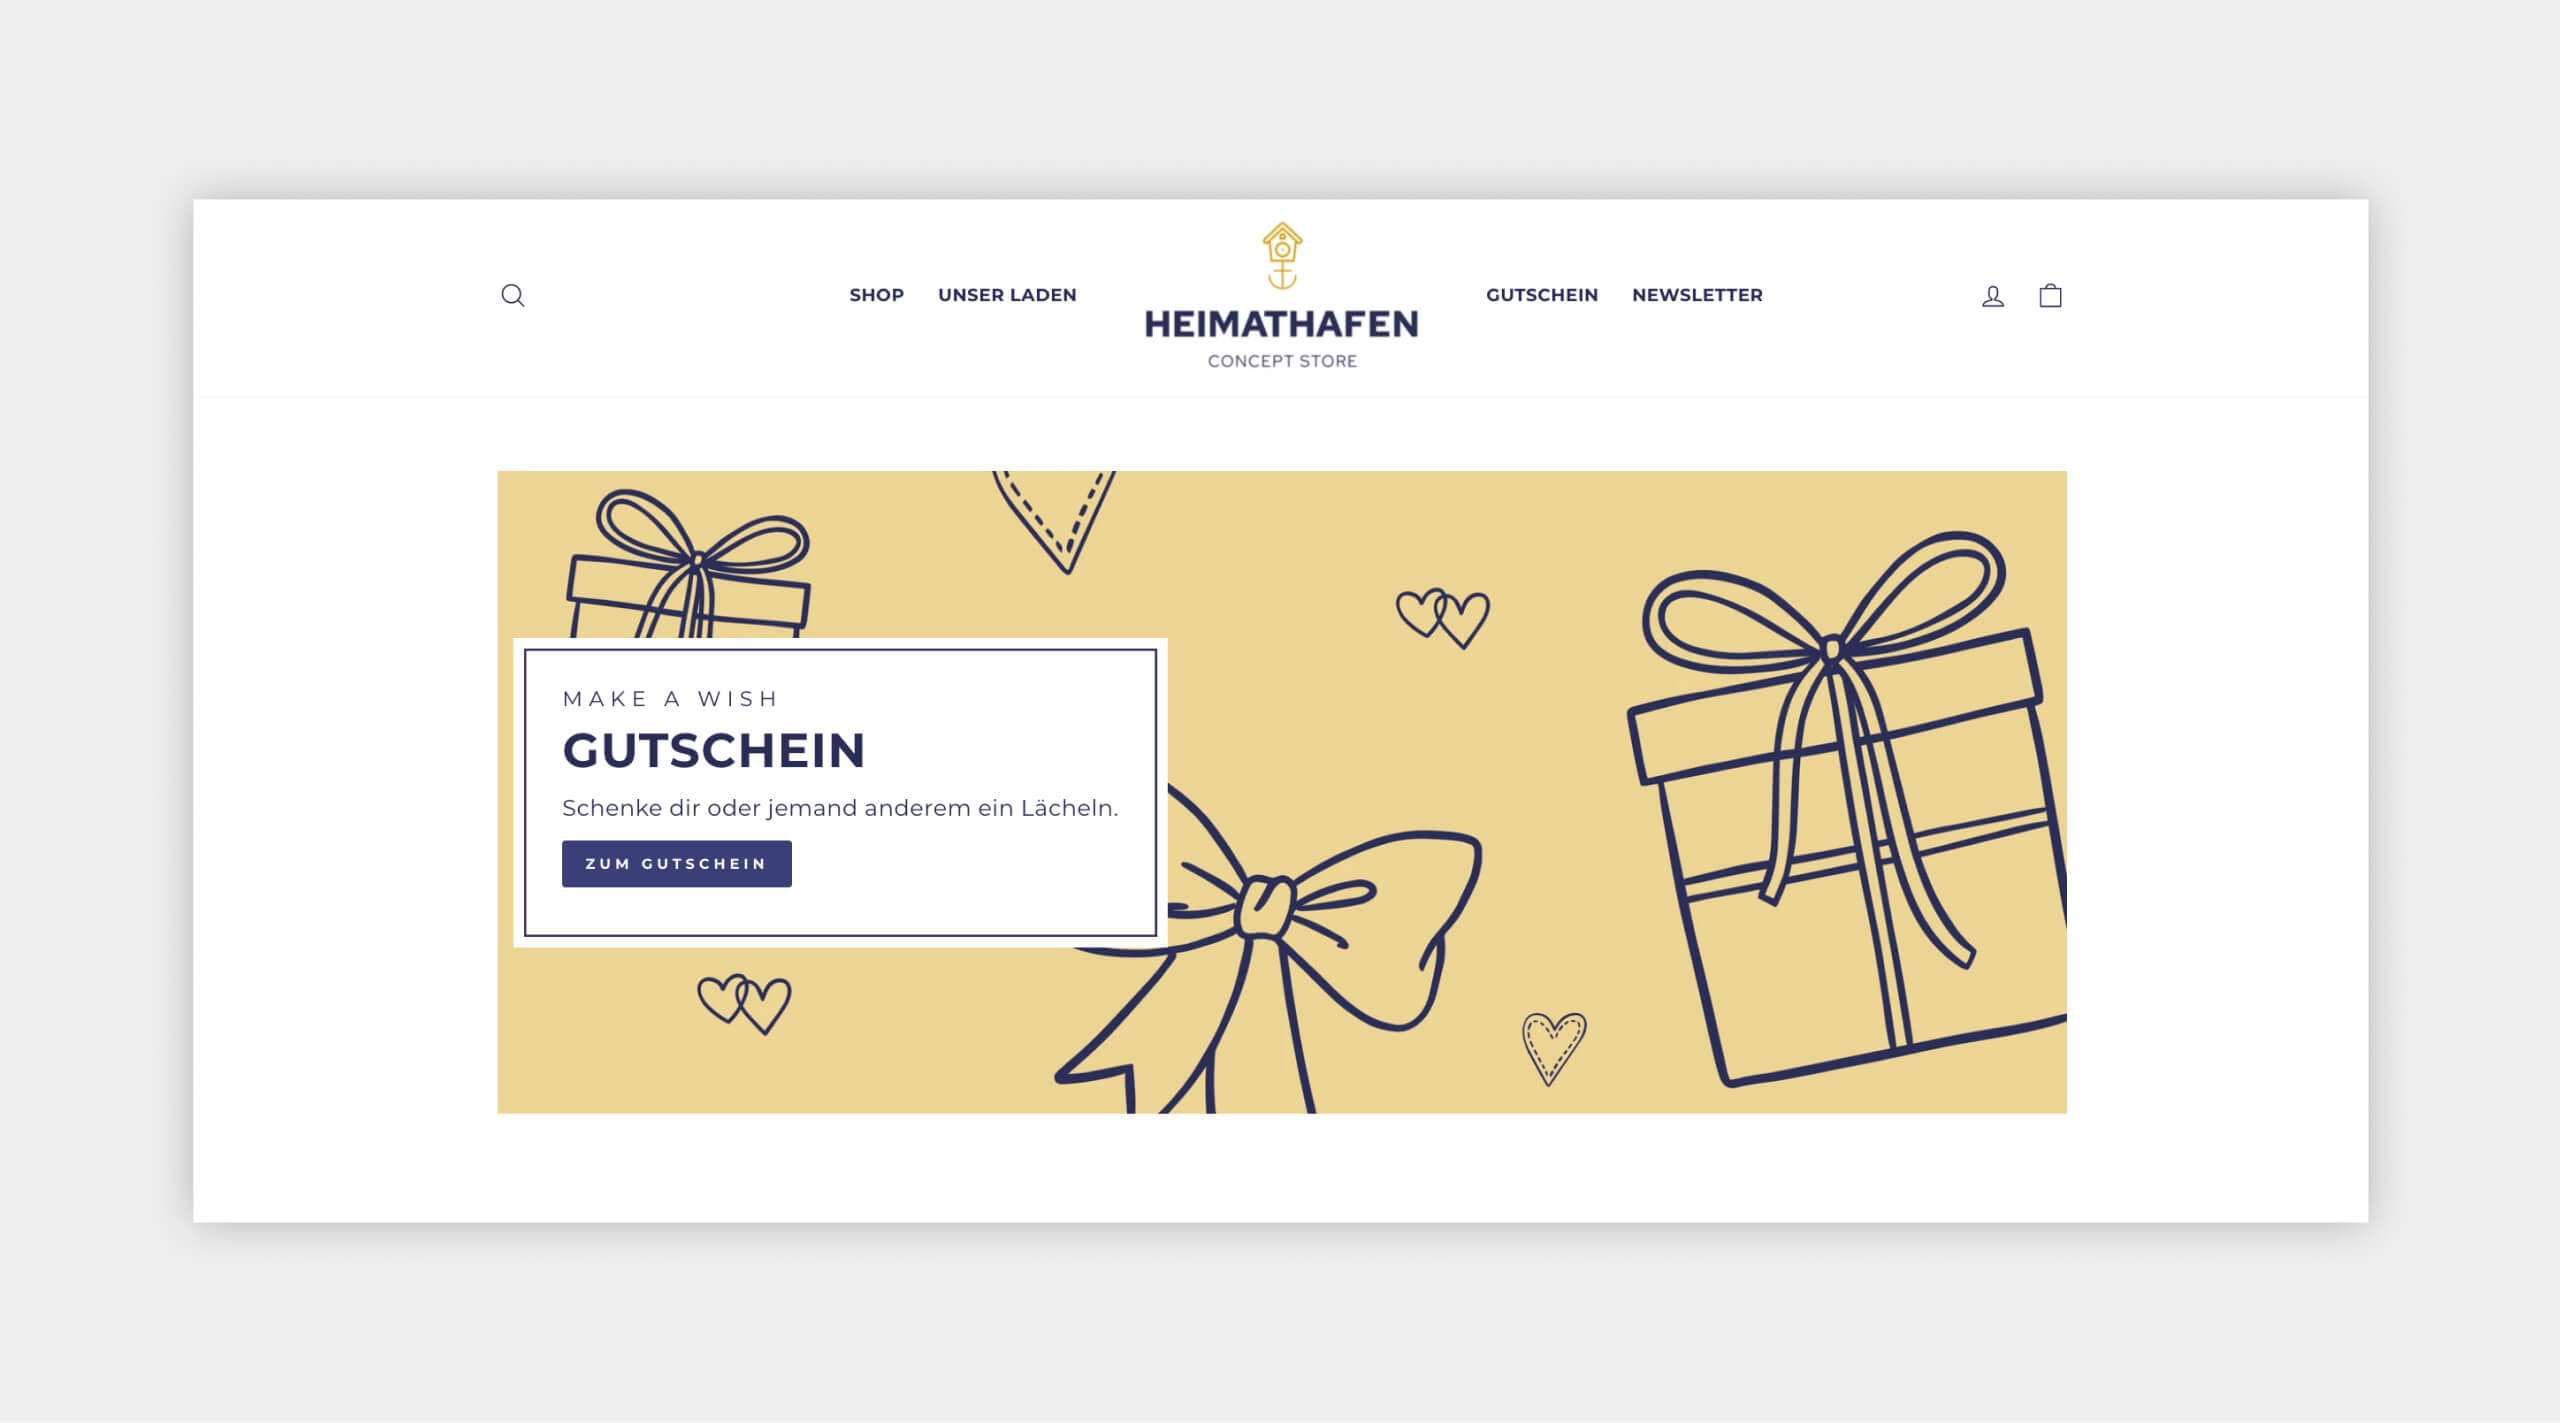 Auszug als Screenshot vom Heimathafen Concept Store Webshop Gutschein.